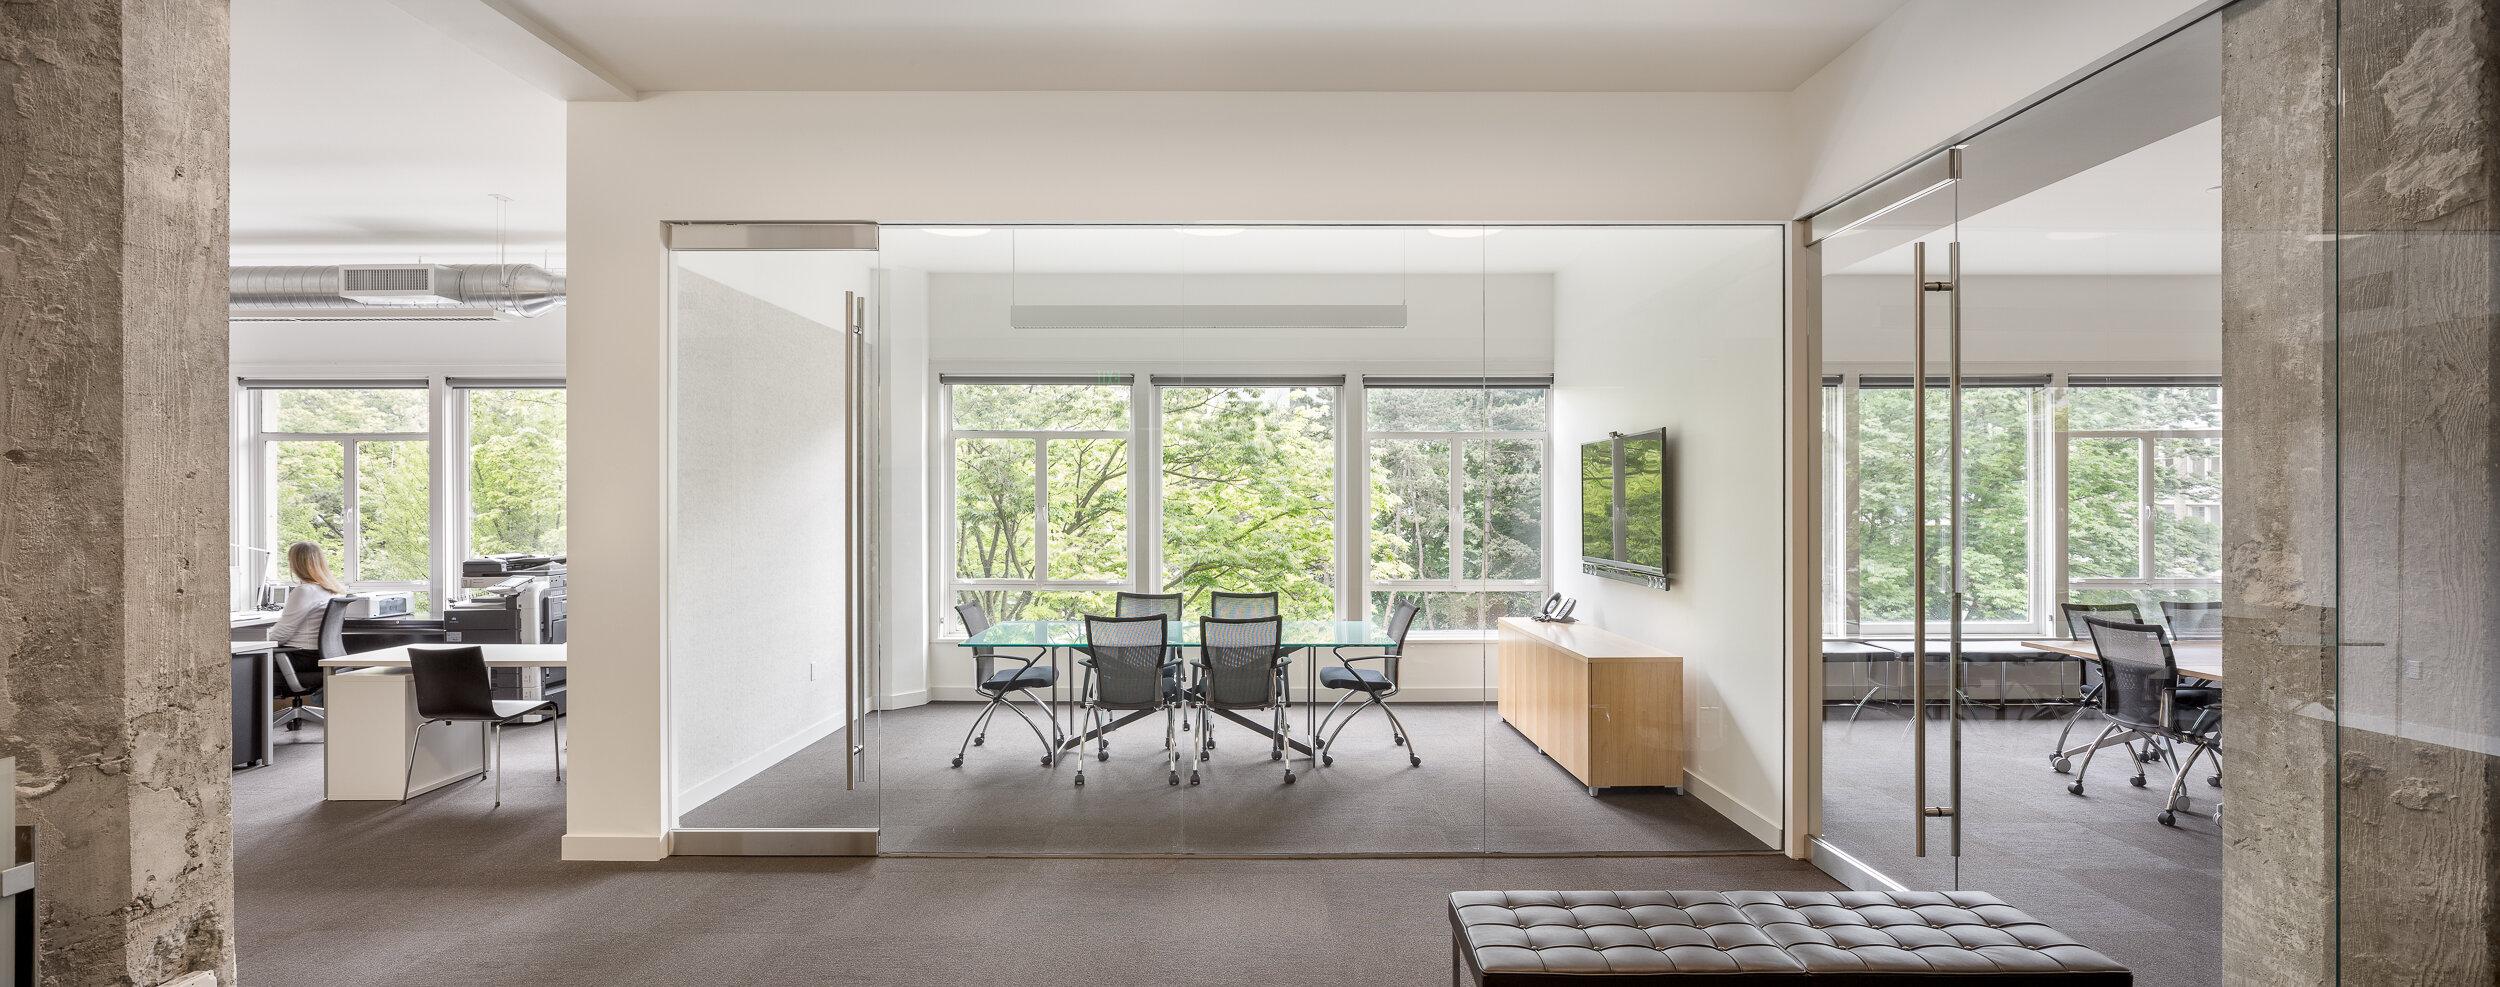 20-HEA-Office-JoshPartee-1318-entry-wide.jpg